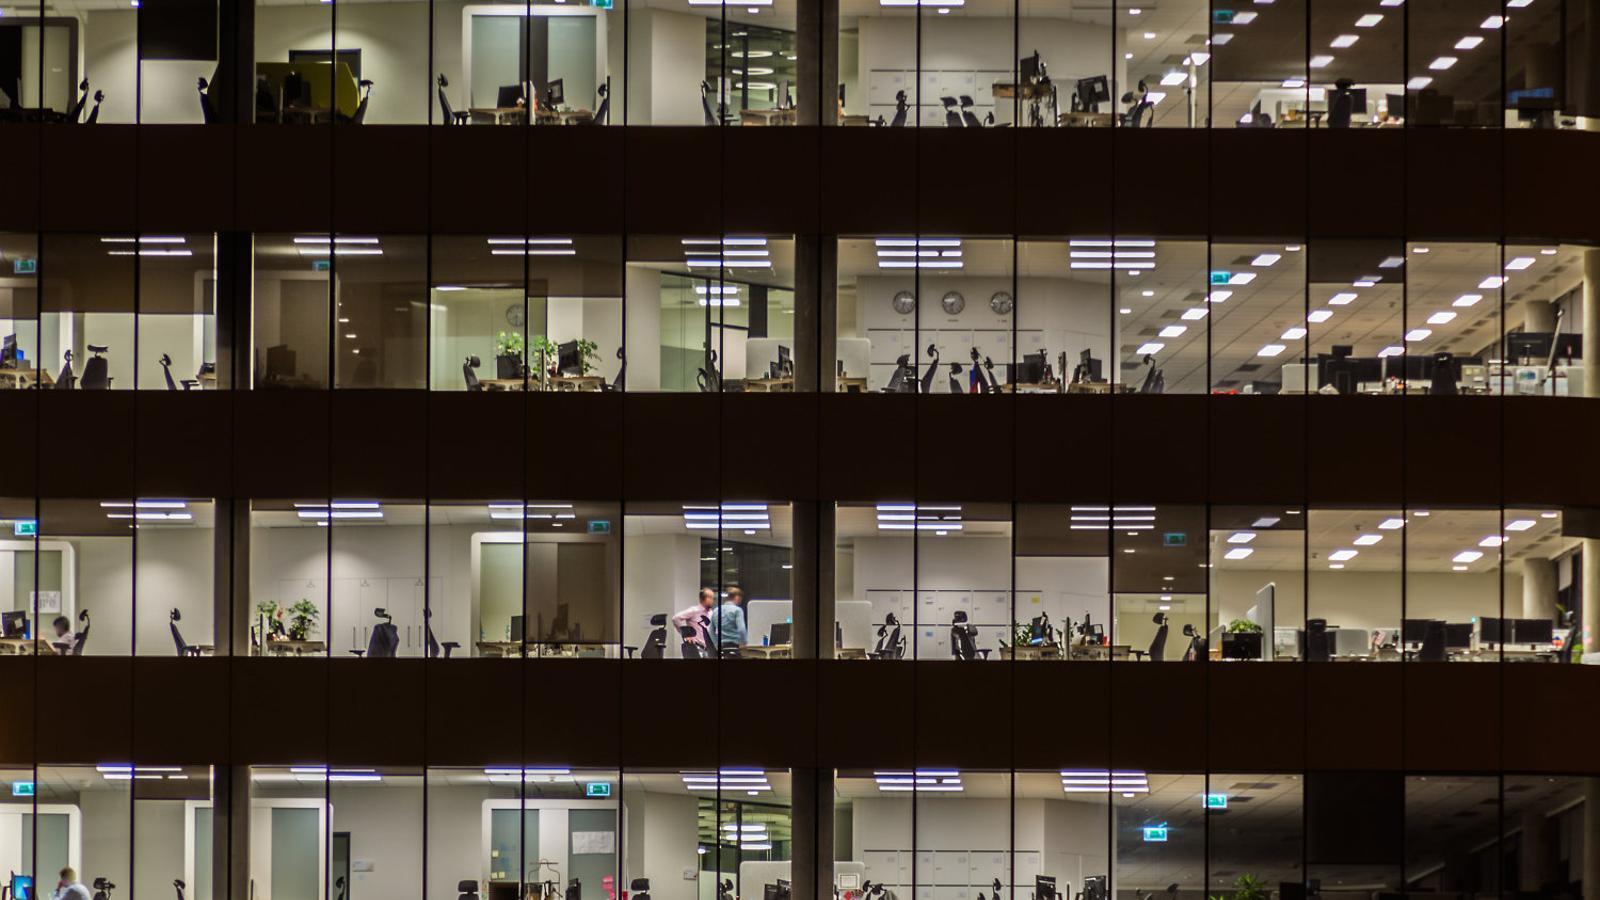 La meitat dels treballadors deixen la feina per culpa del cap directe